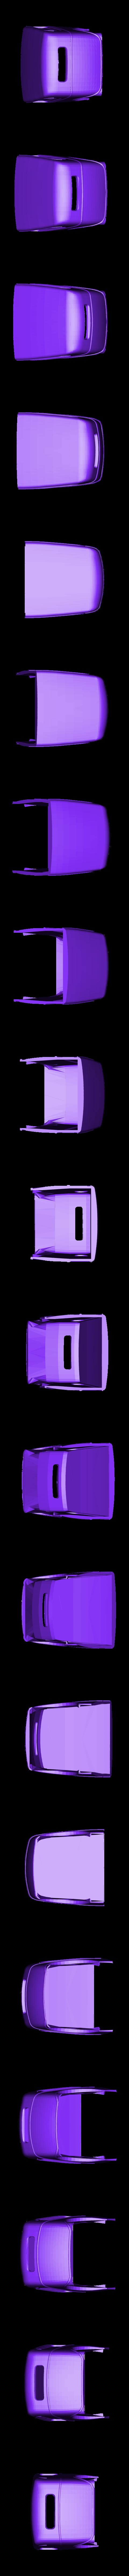 hotrod 2.stl Download STL file Fury road hotrod bodyshell 1/10 • 3D printing design, RCGANG93